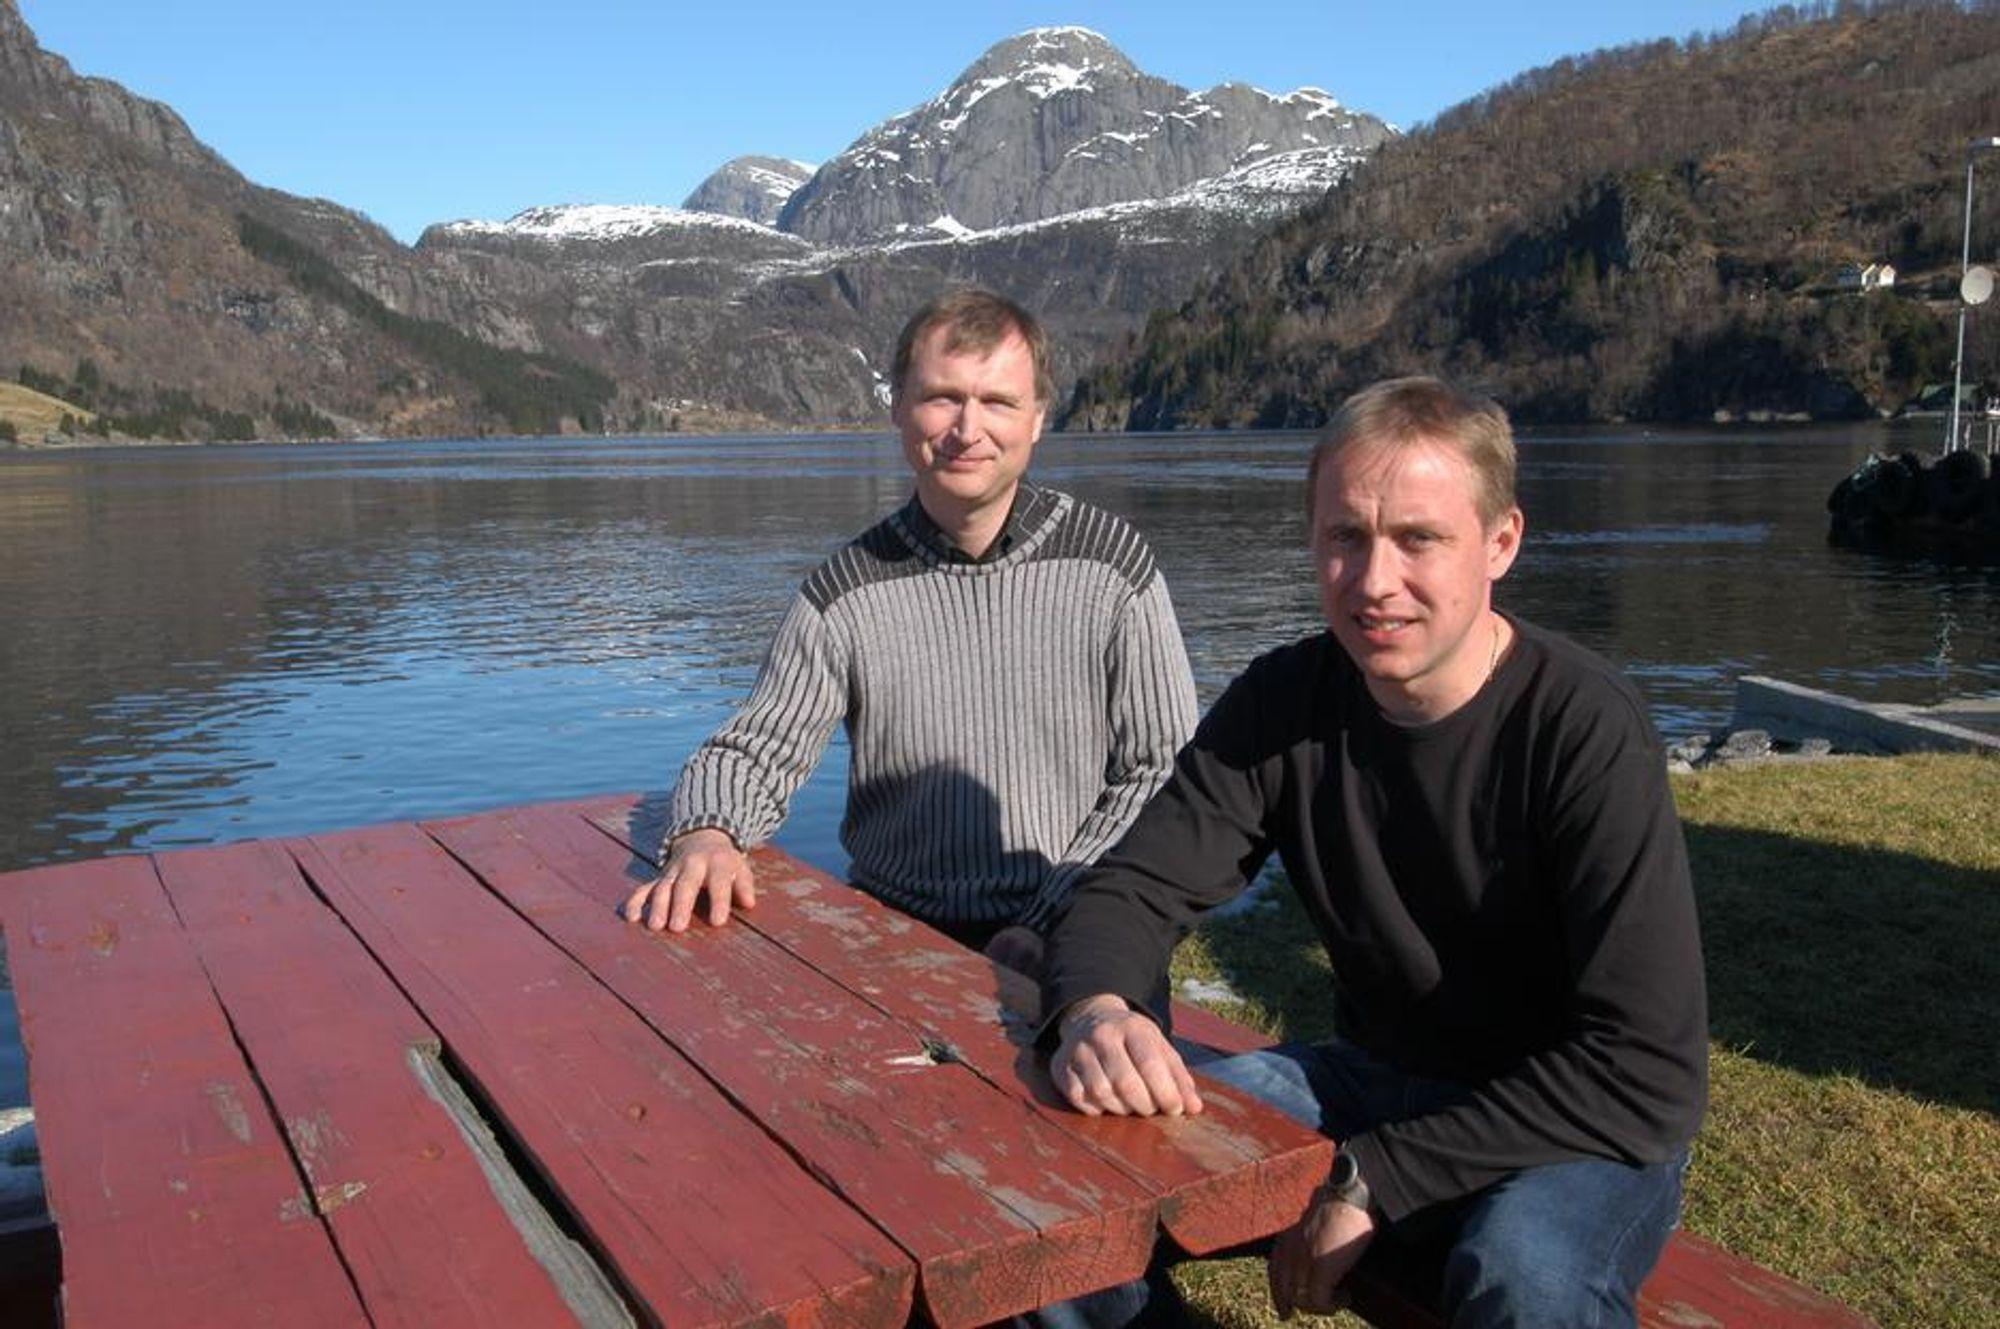 KVALITET: Det er kvalitet å bo i distrikts-Norge mener Ove Mykebust og Johnny Hausbakk. Nå håper de snart at det vil bli bygget bru over fjorden i bakgrunnen.